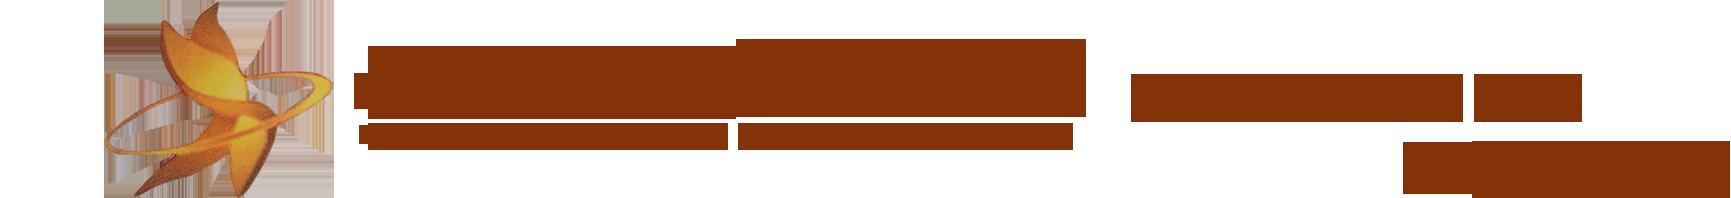 兰州ag在线视频机电有限公司